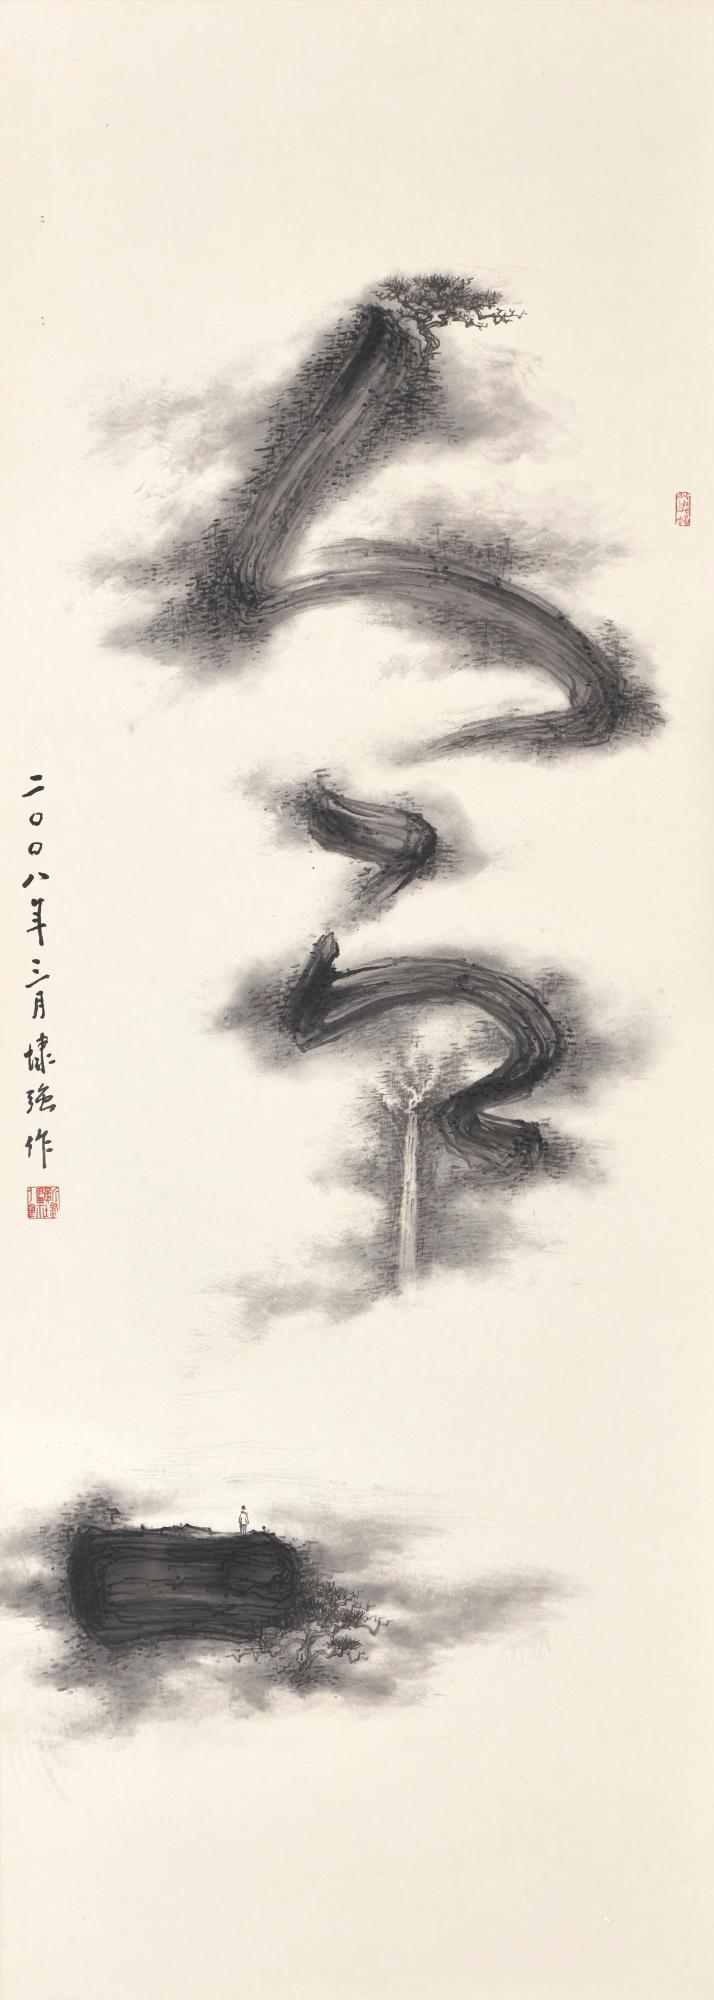 KAN TAI-KEUNG | Coherence